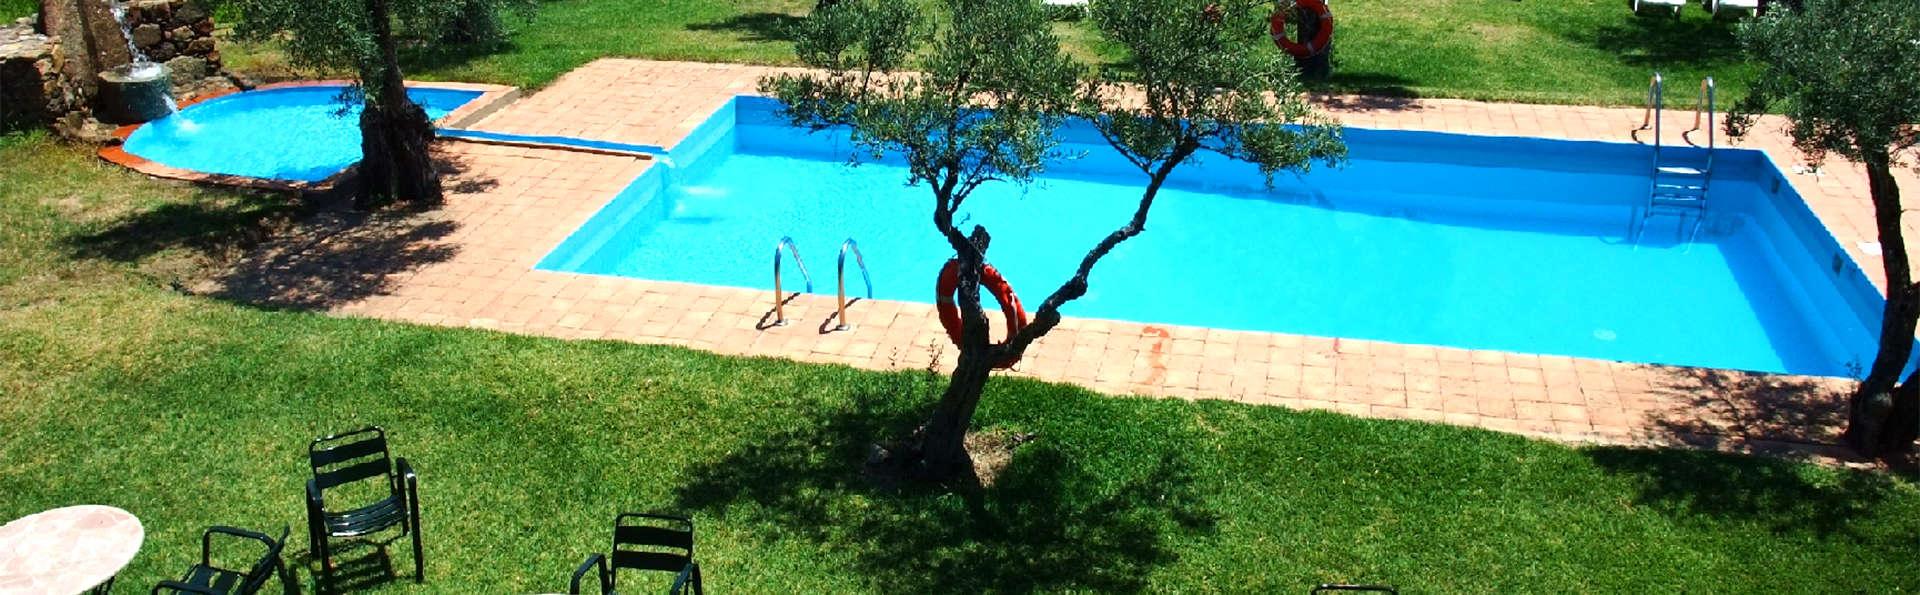 Hostería Fontivieja - EDIT_Pool.jpg